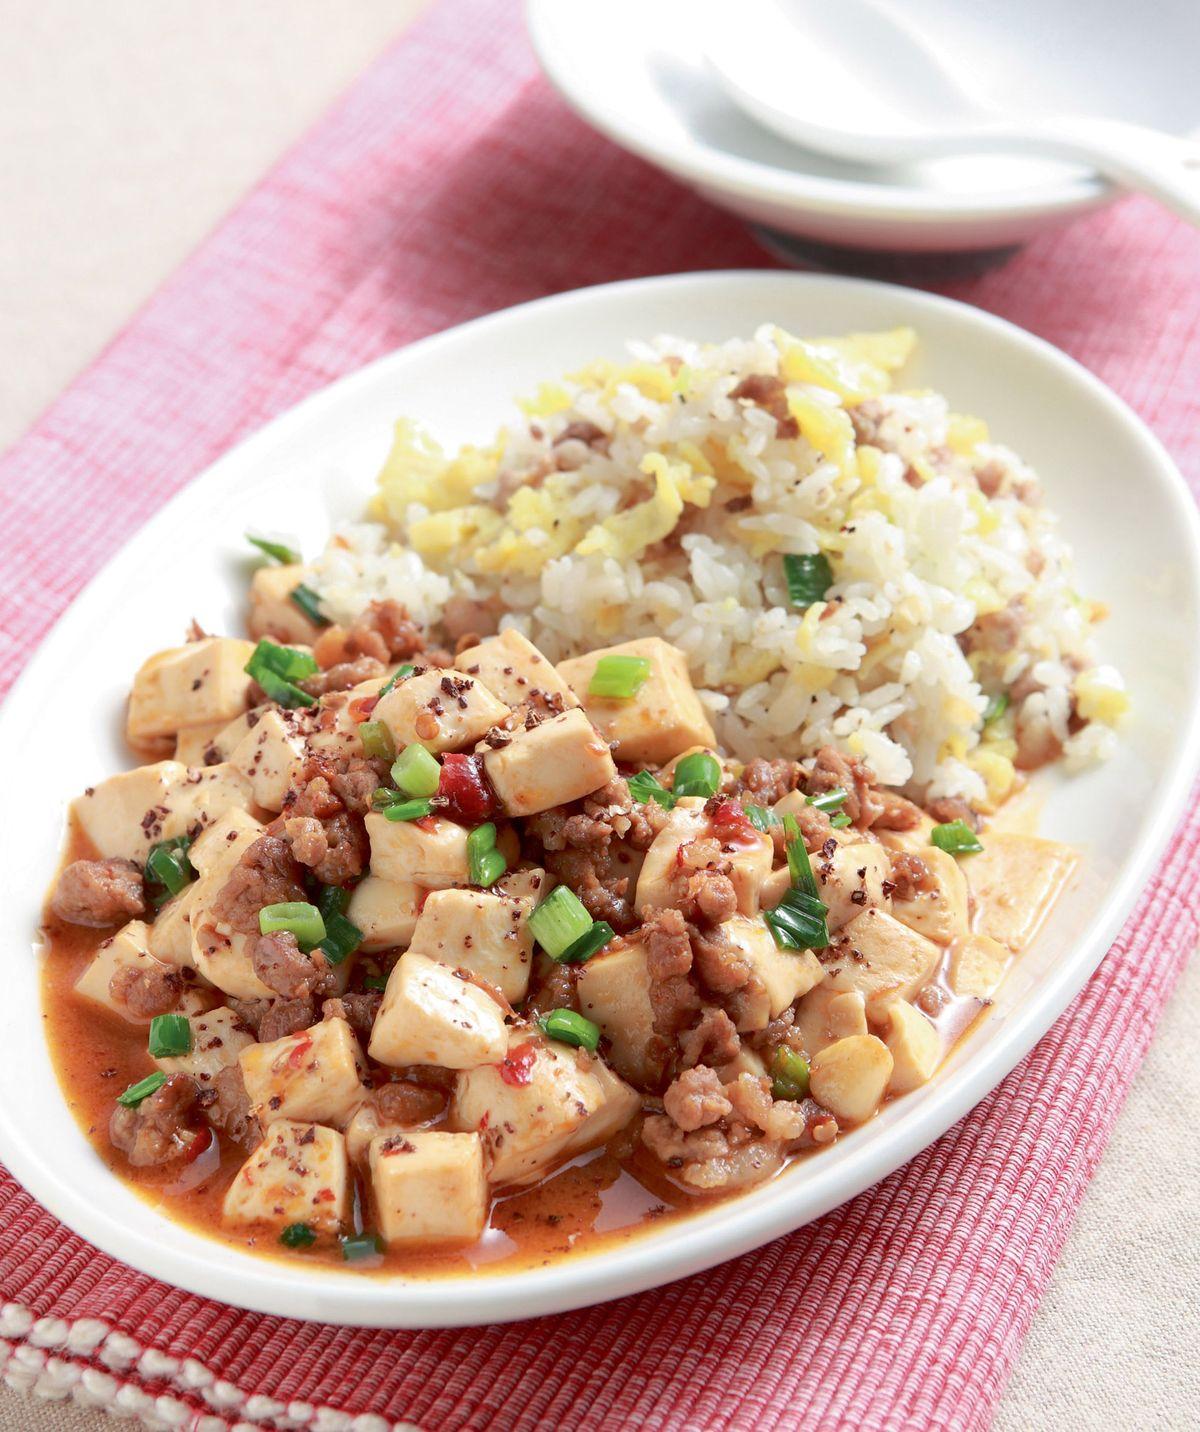 食譜:麻婆豆腐蛋炒飯